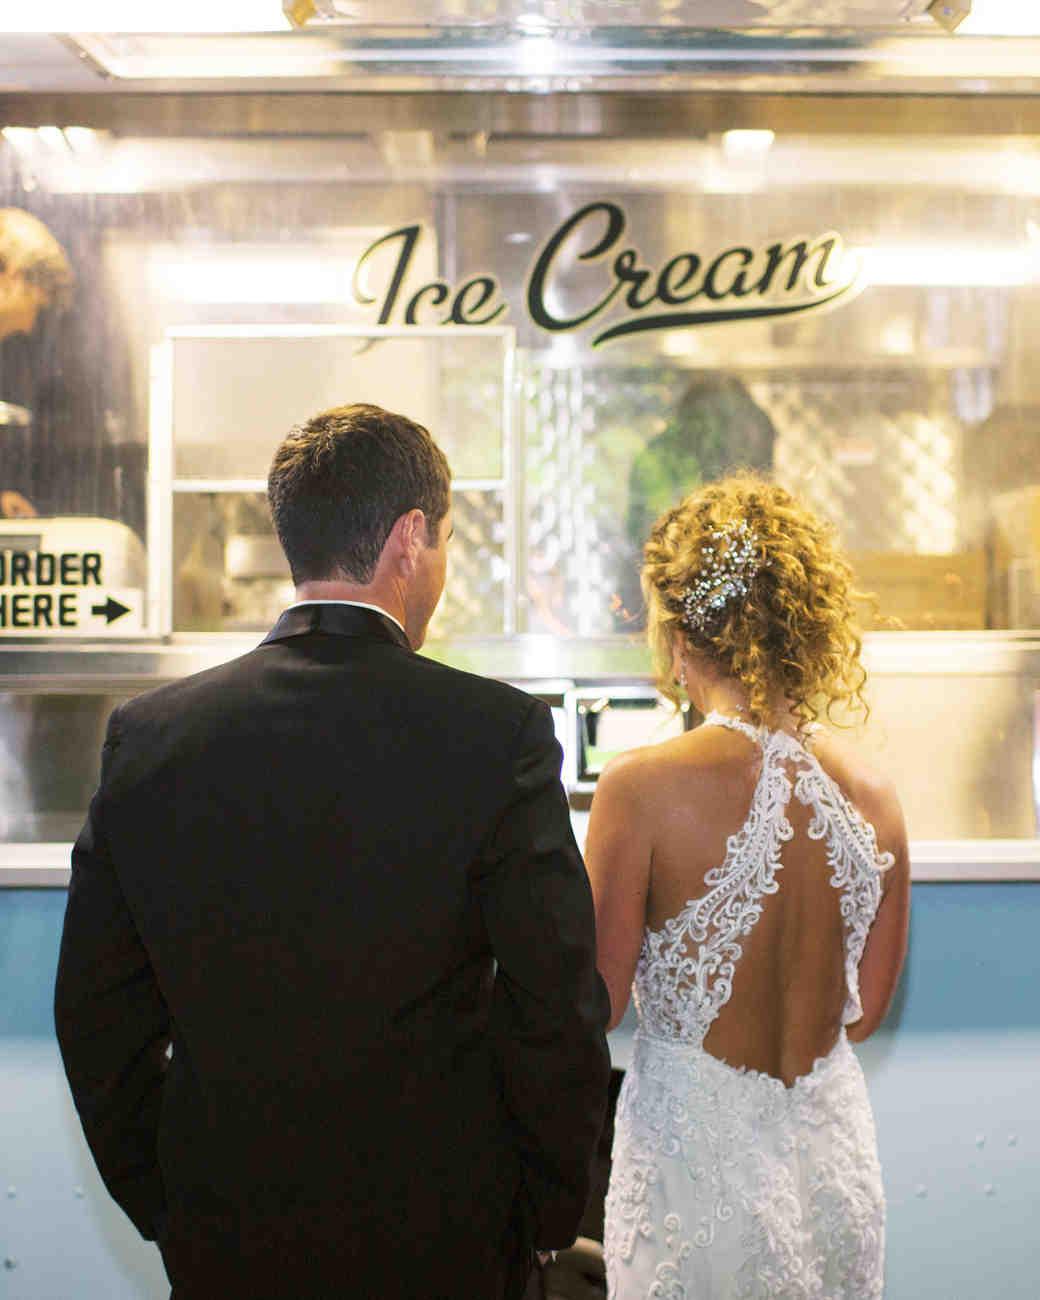 bride groom ice cream shop